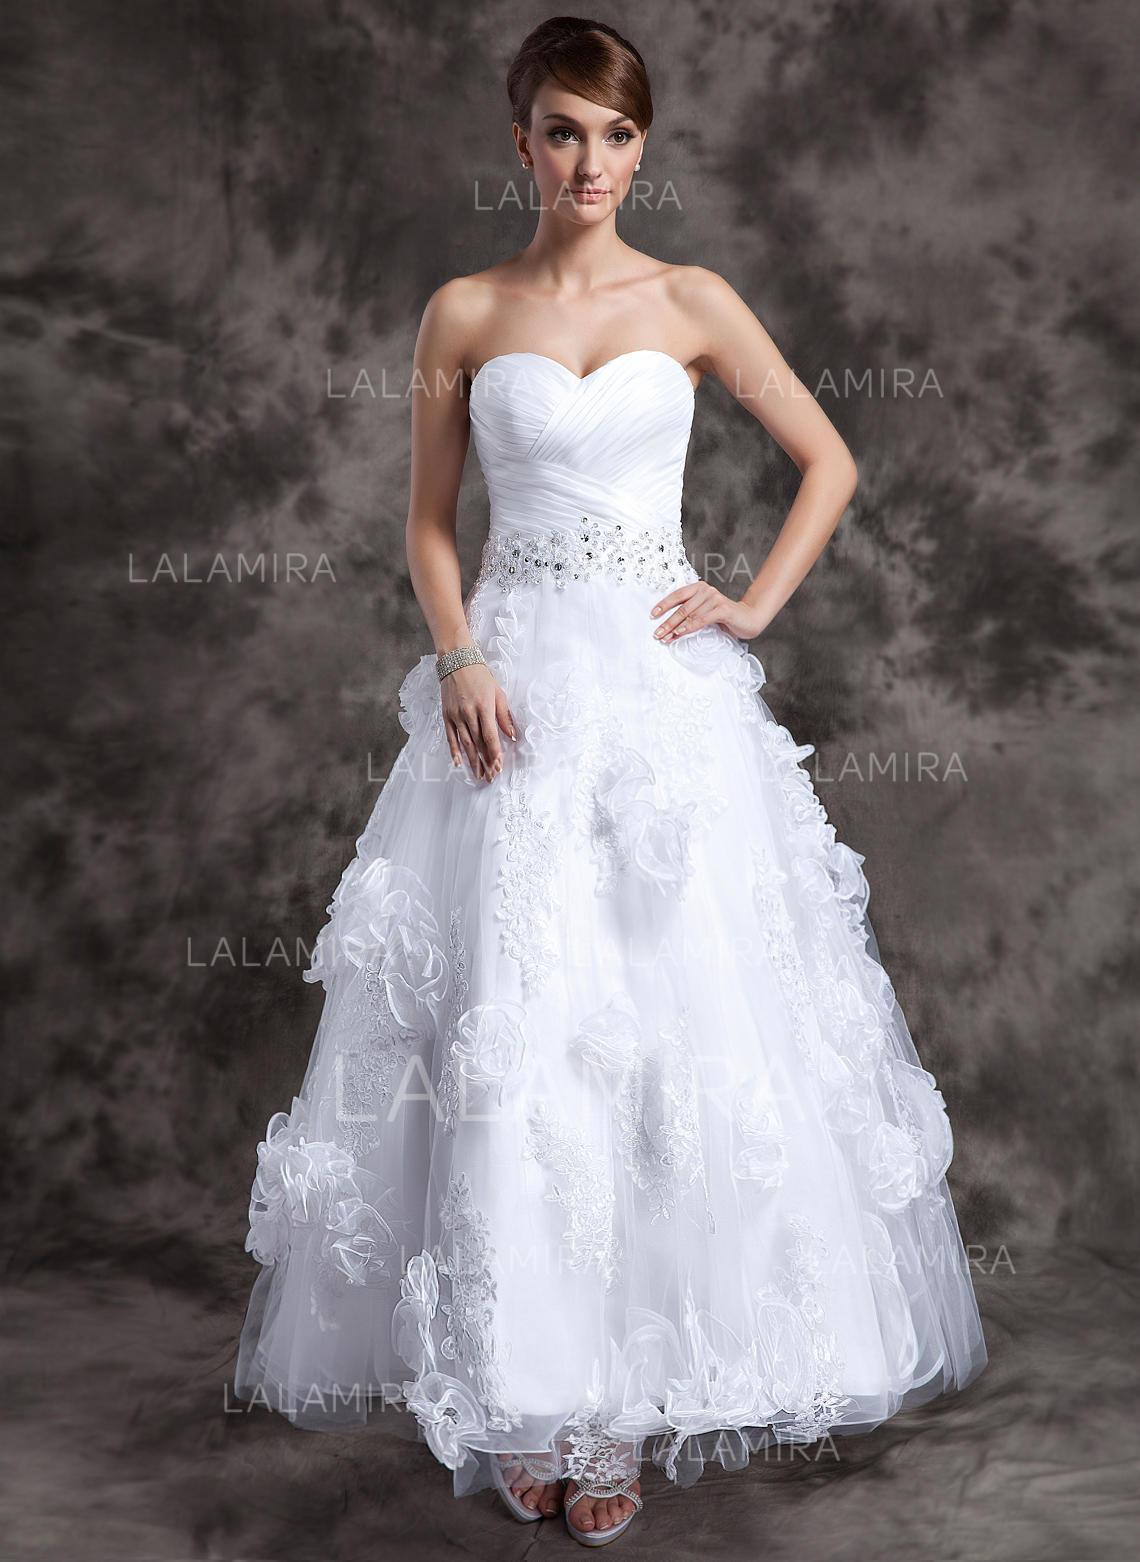 e103f1797266 Älsklingsringning A-linjeformat Bröllopsklänningar Organzapåse Tyll Beading  Applikationer Spetsar Blomma (or) Ärmlös Ankel. Loading zoom